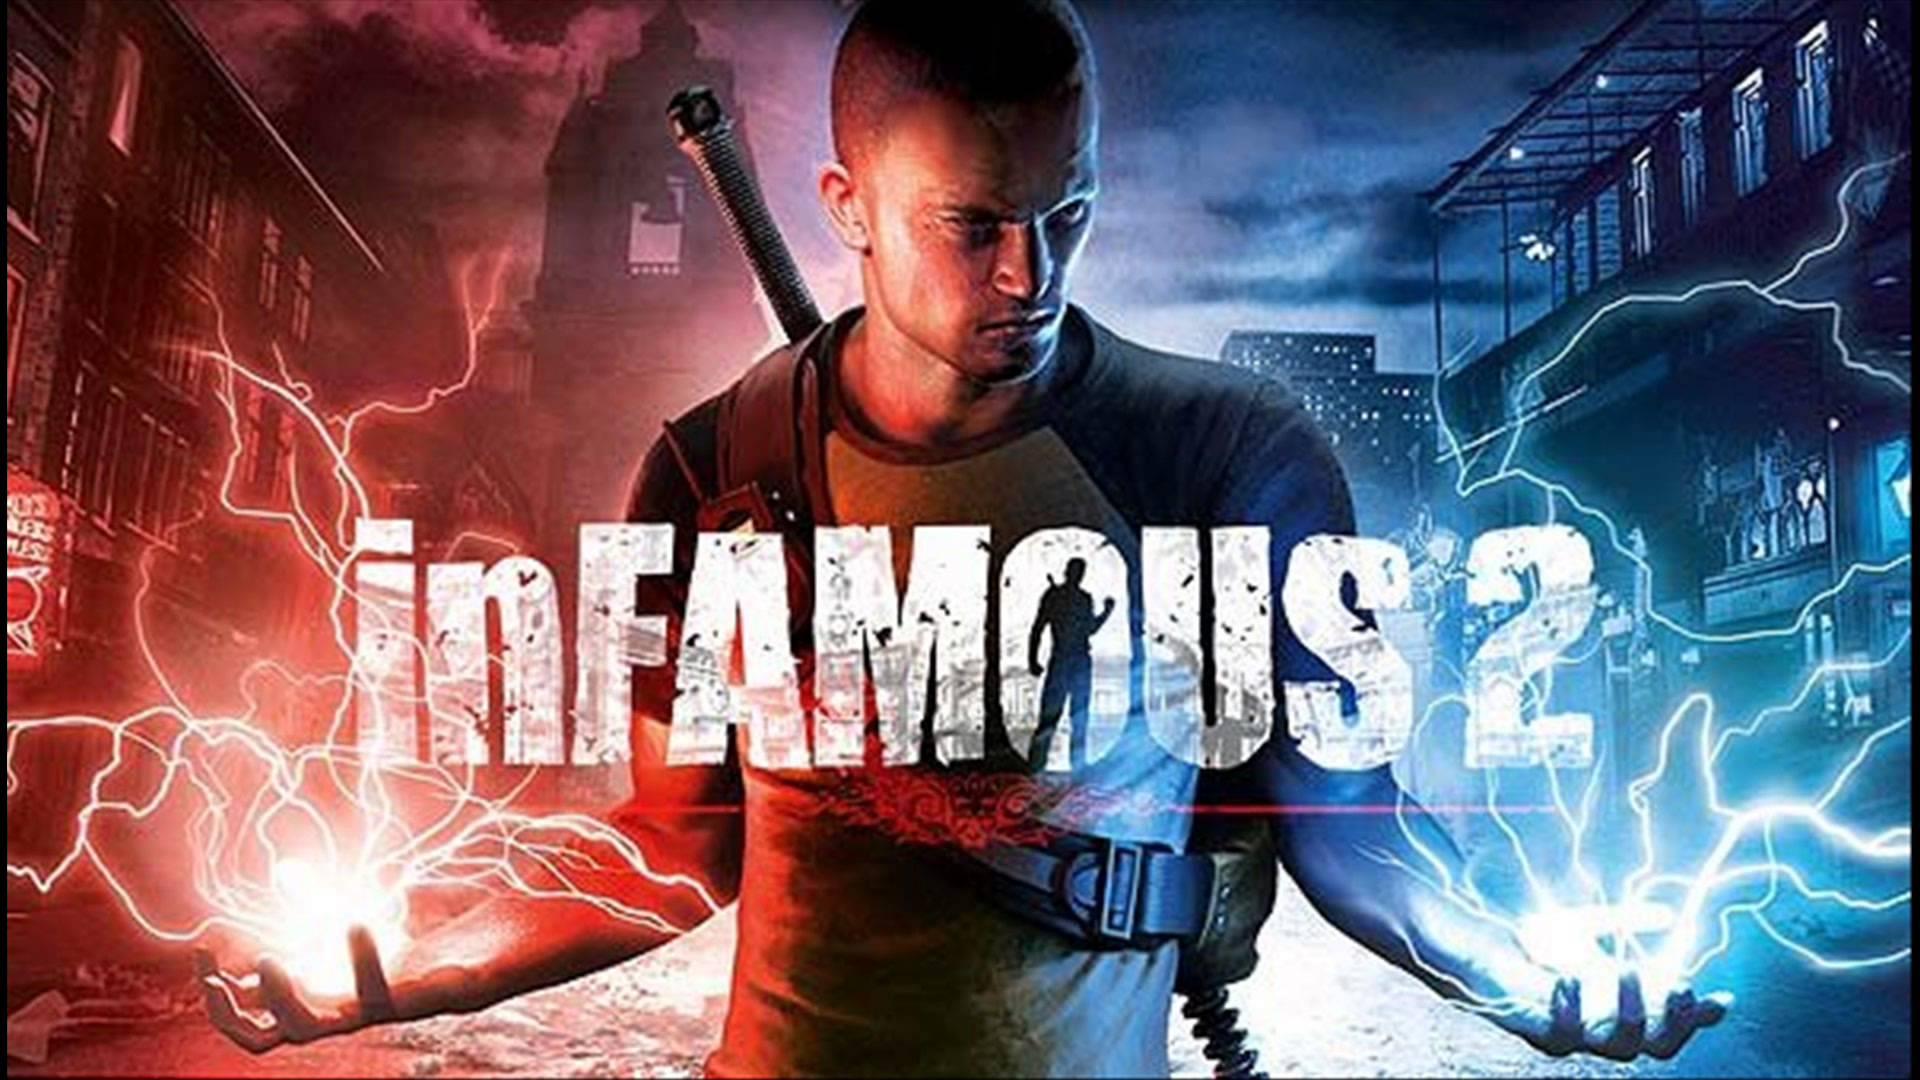 InFAMOUS 2 HD wallpapers, Desktop wallpaper - most viewed